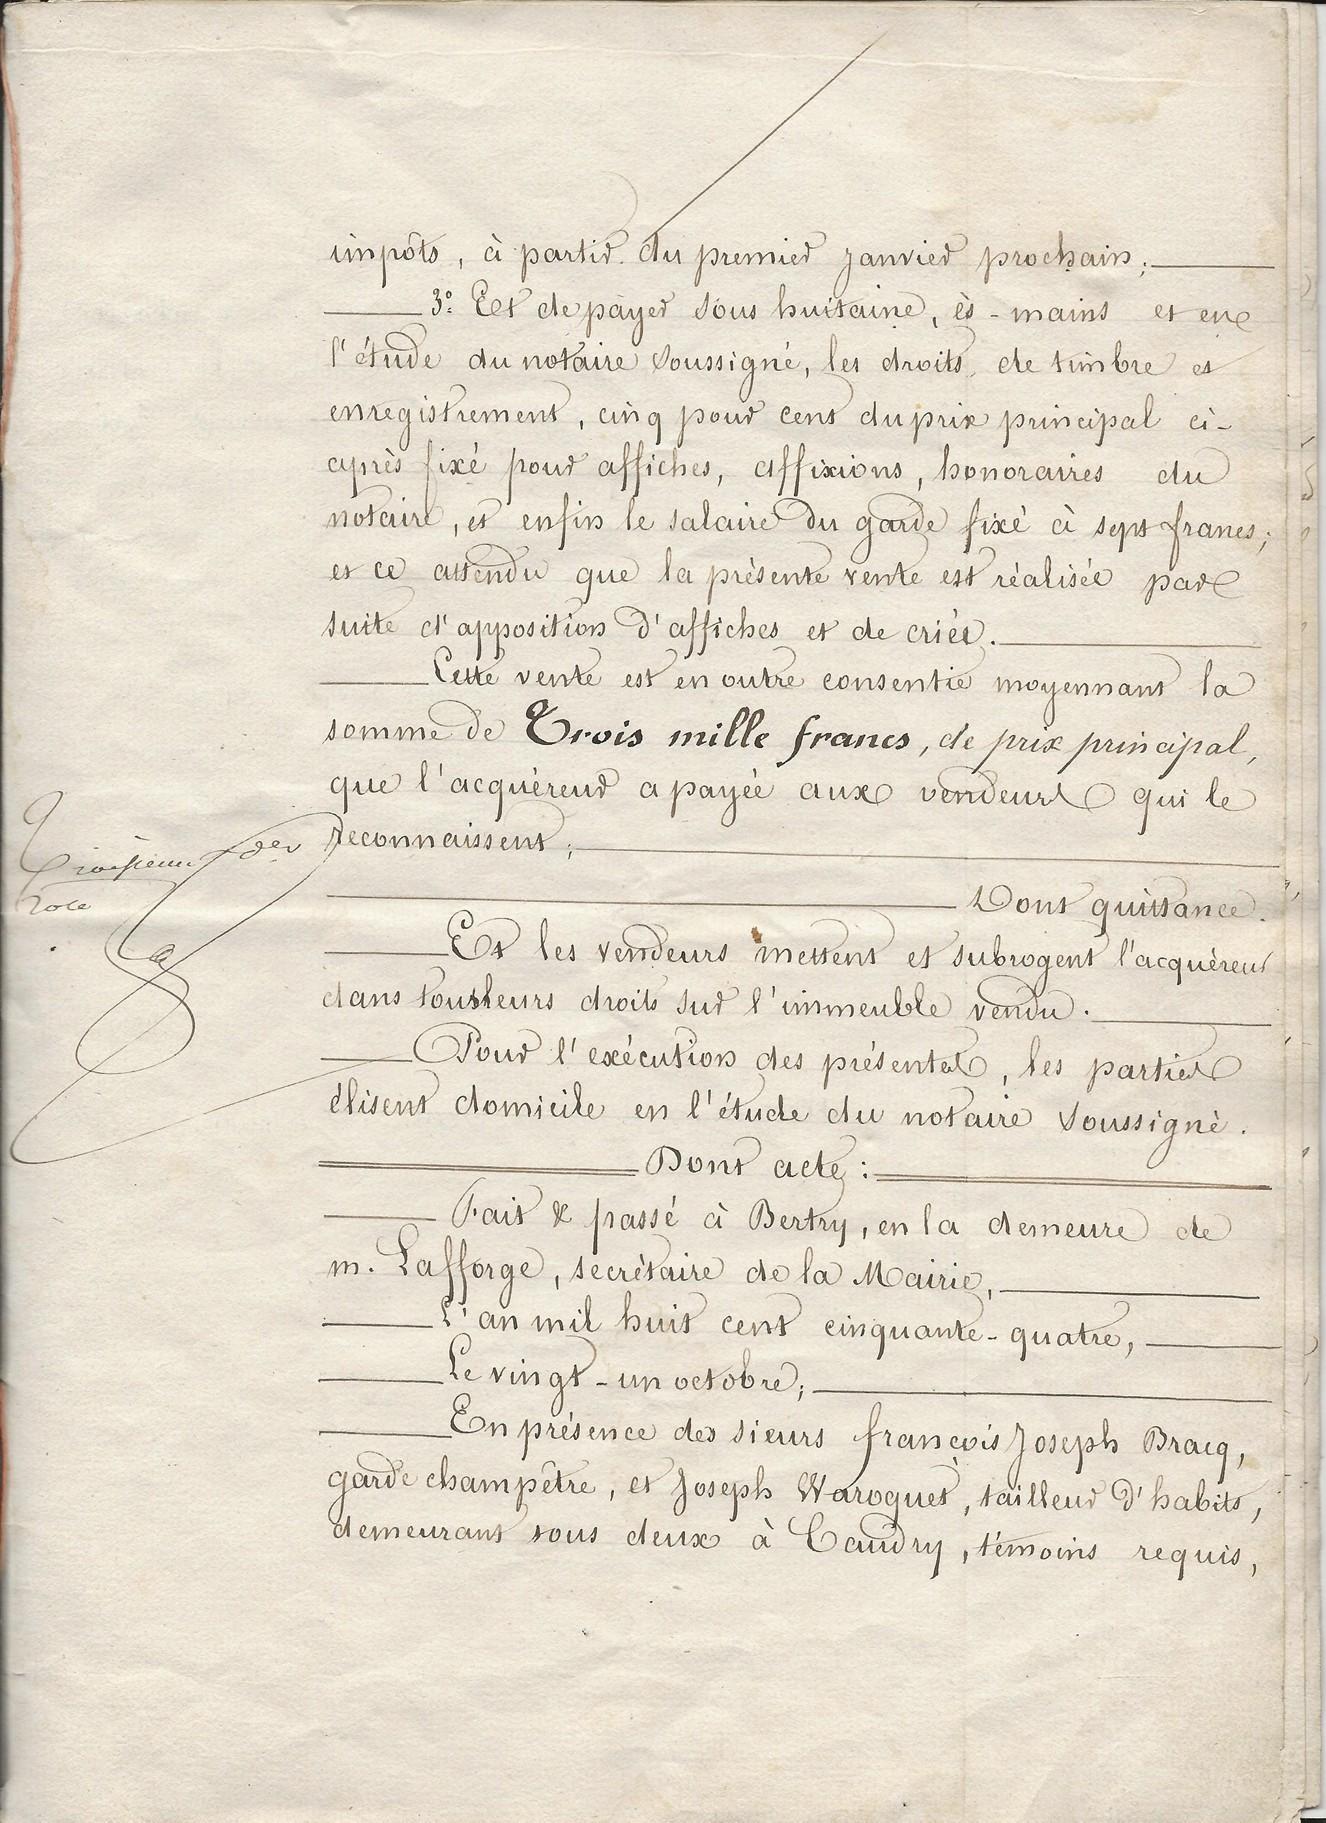 1854 vente vve et heritiers poulain a jospin 005